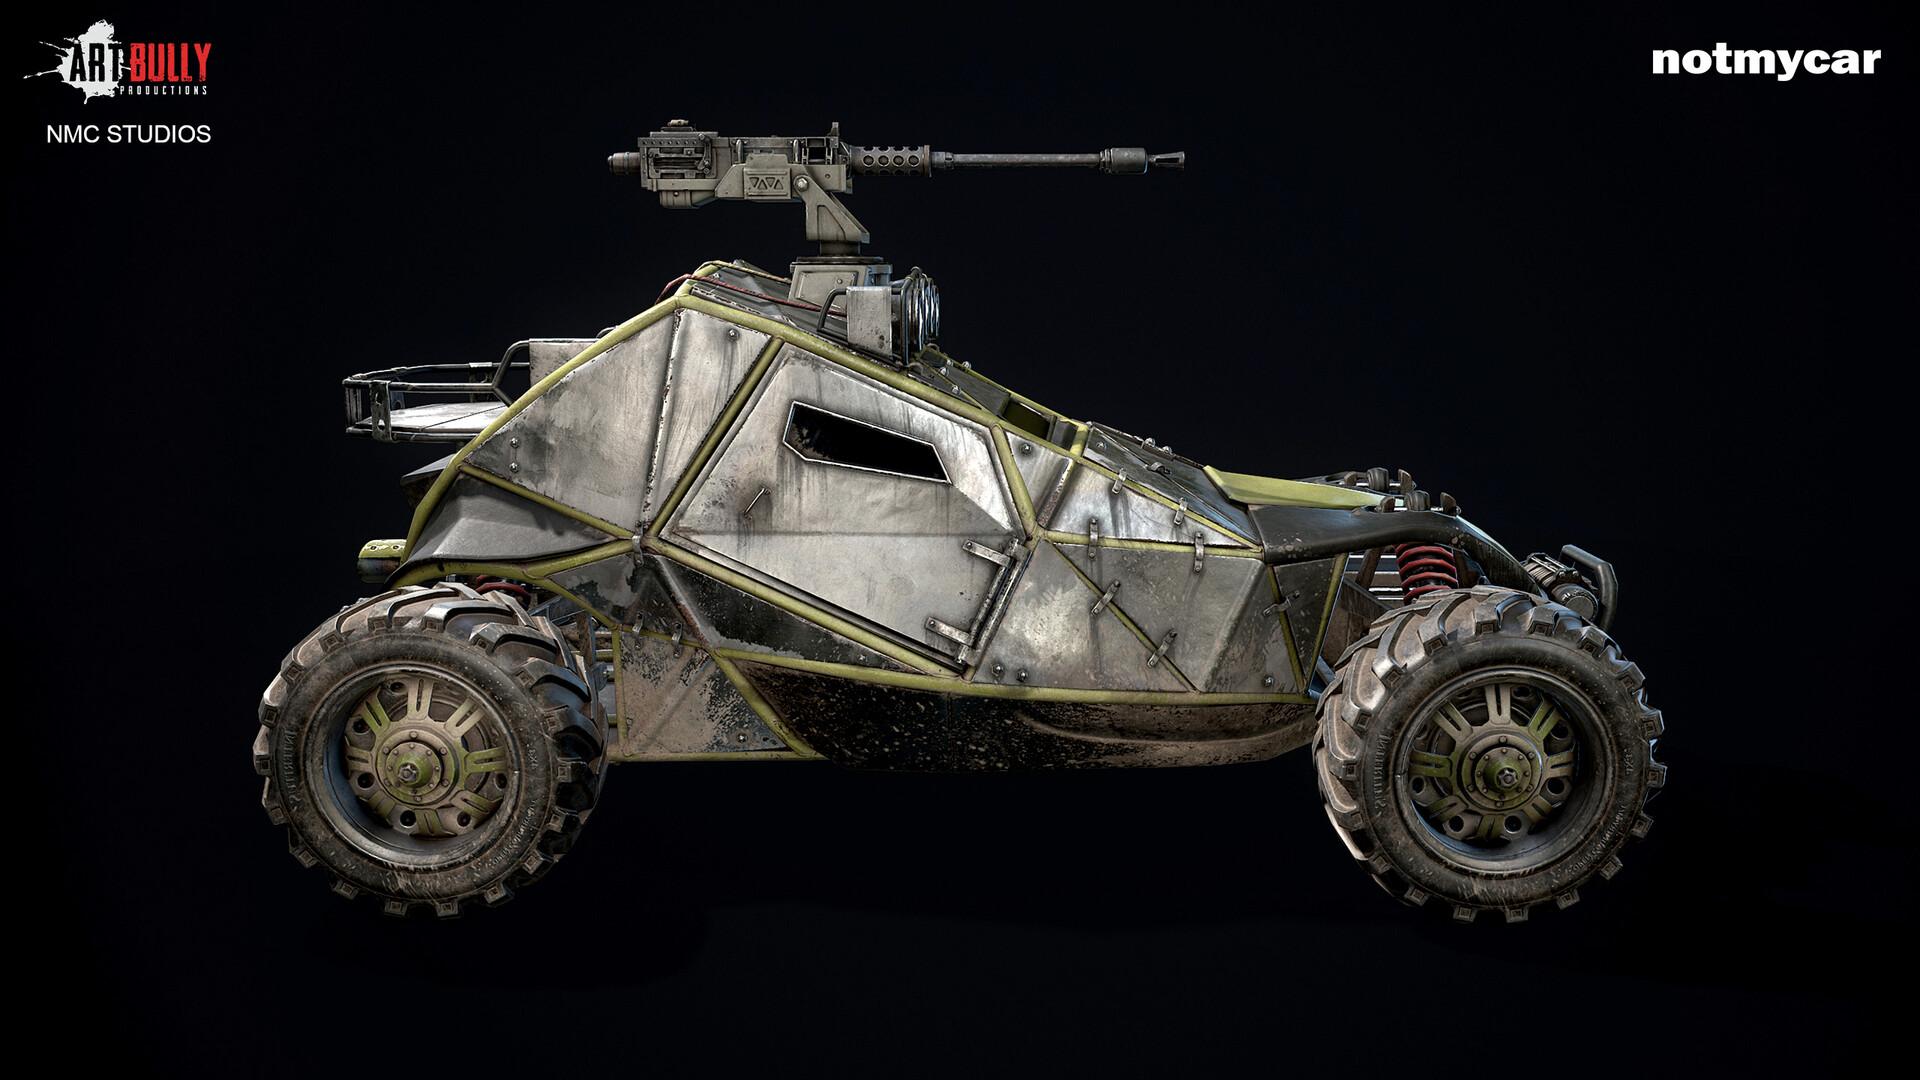 Patrick nuckels notmycar buggy 04